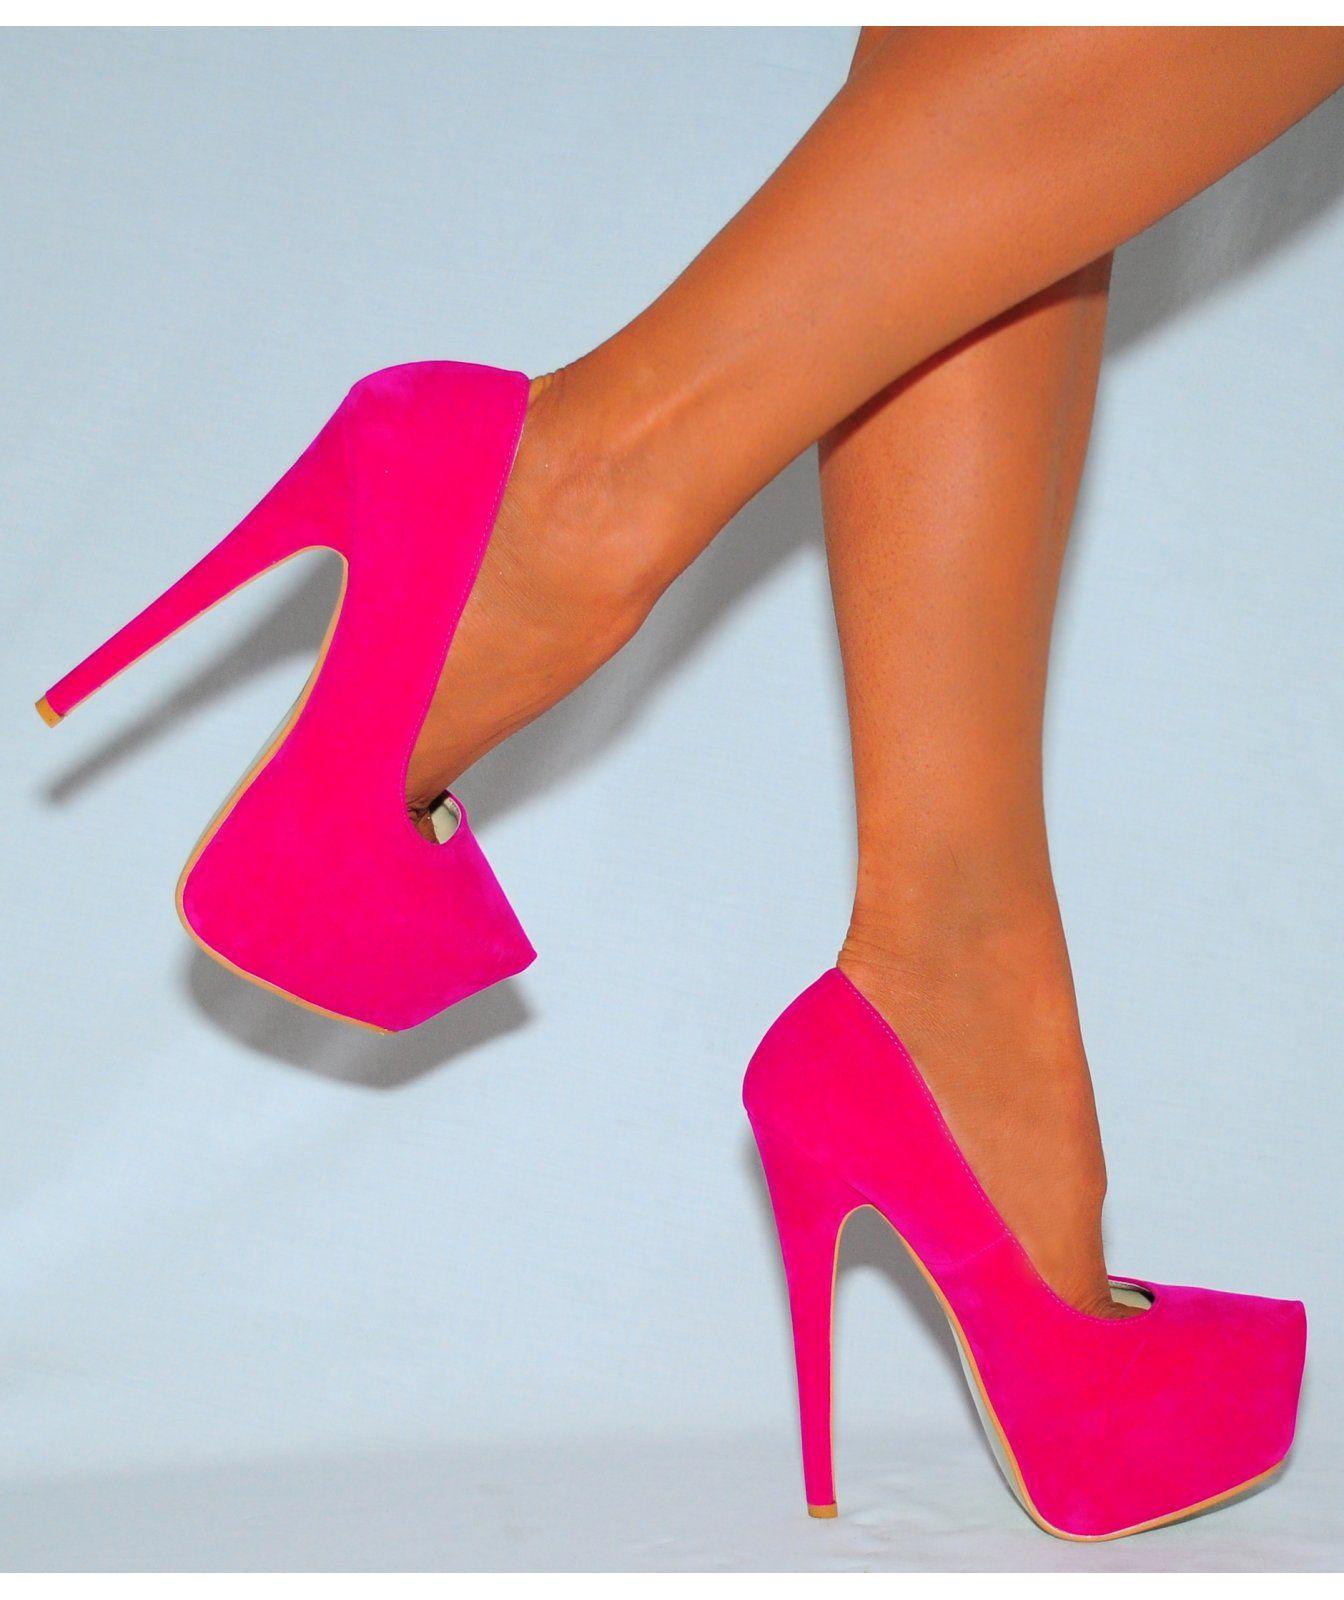 pink high must have heels pinterest high. Black Bedroom Furniture Sets. Home Design Ideas